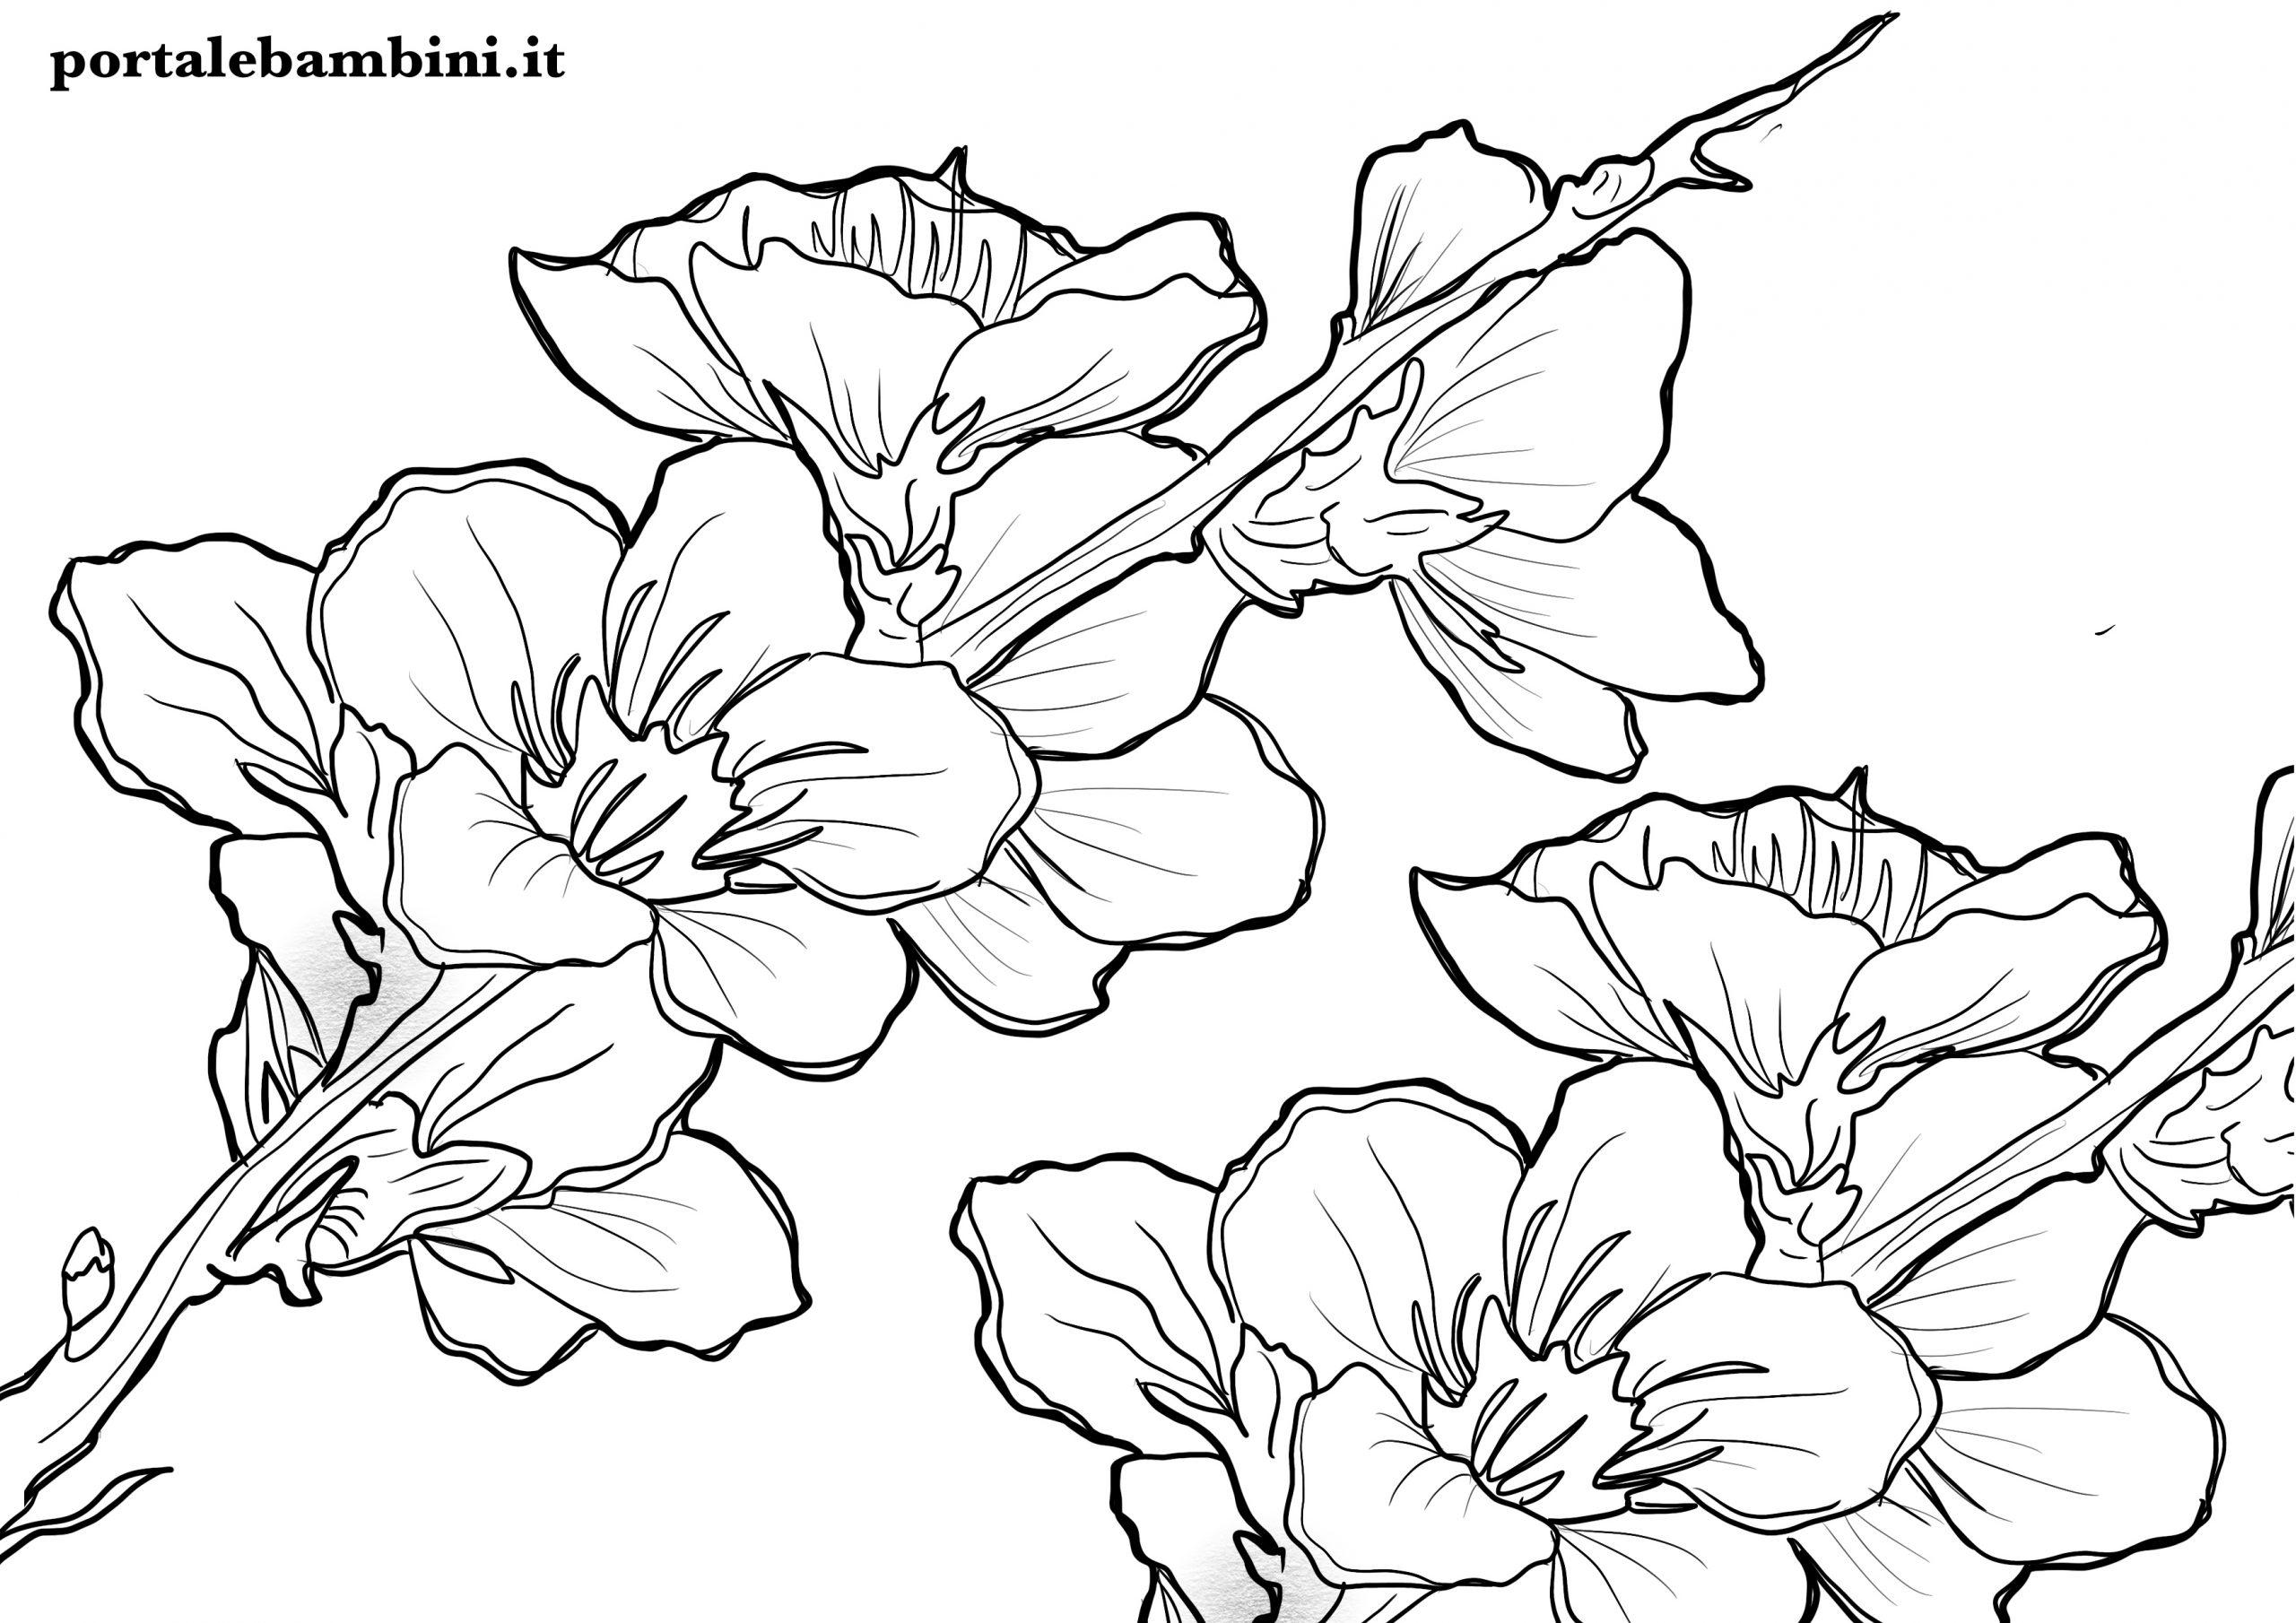 Super Disegni di Fiori da Colorare | portalebambini.it NQ01